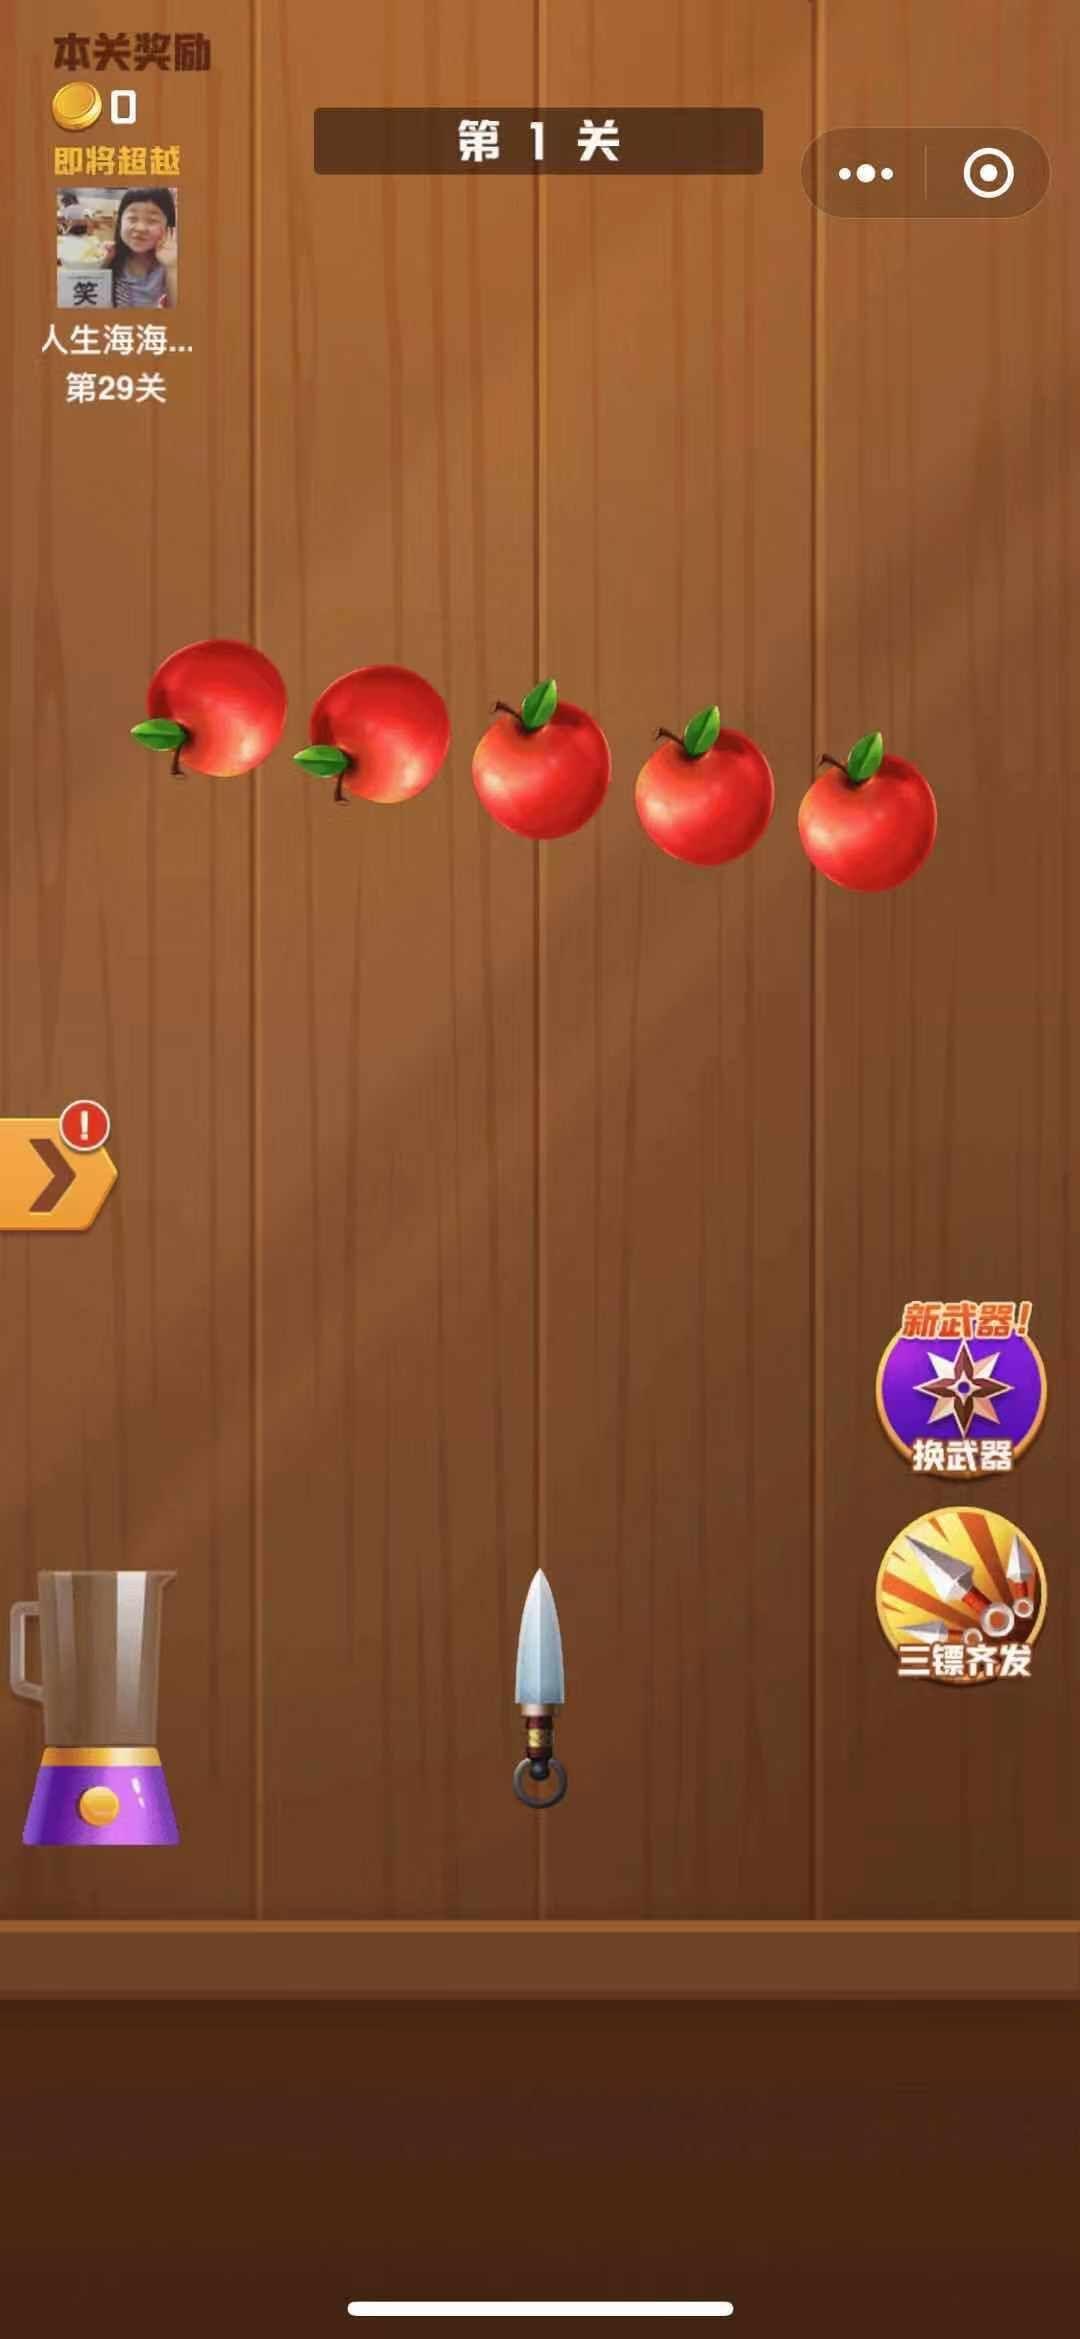 王牌水果切切切安卓版